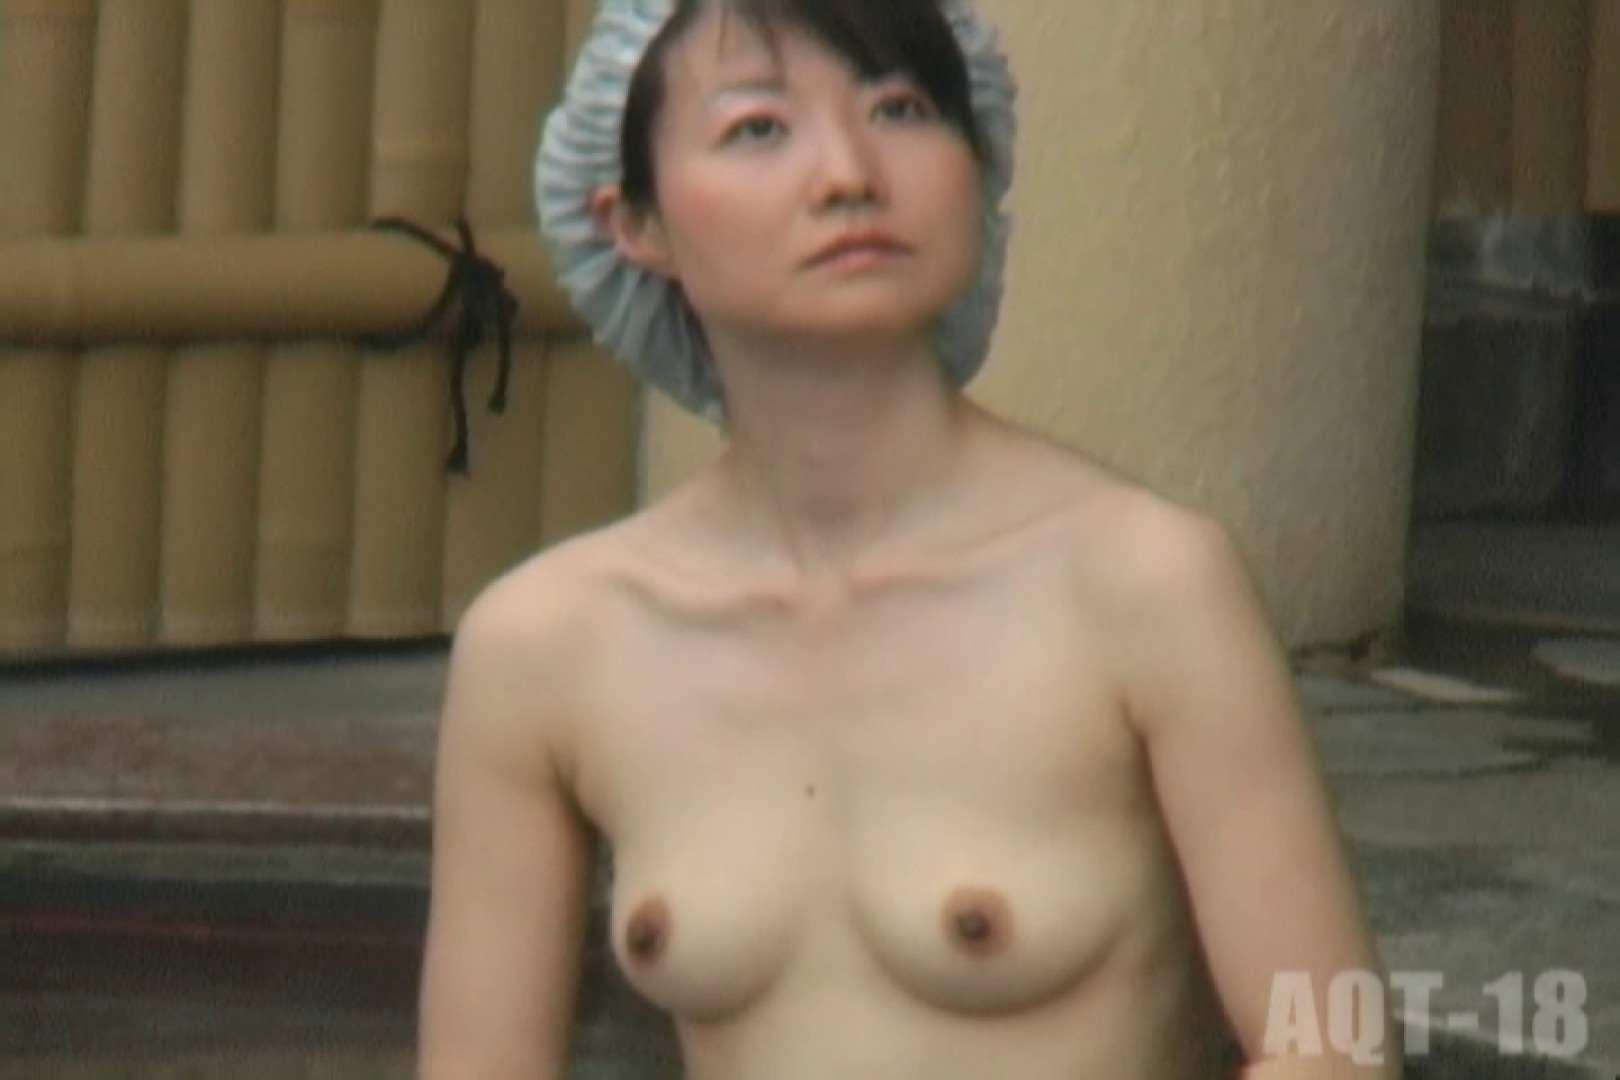 Aquaな露天風呂Vol.864 OLエロ画像 覗きスケベ動画紹介 62PICs 56